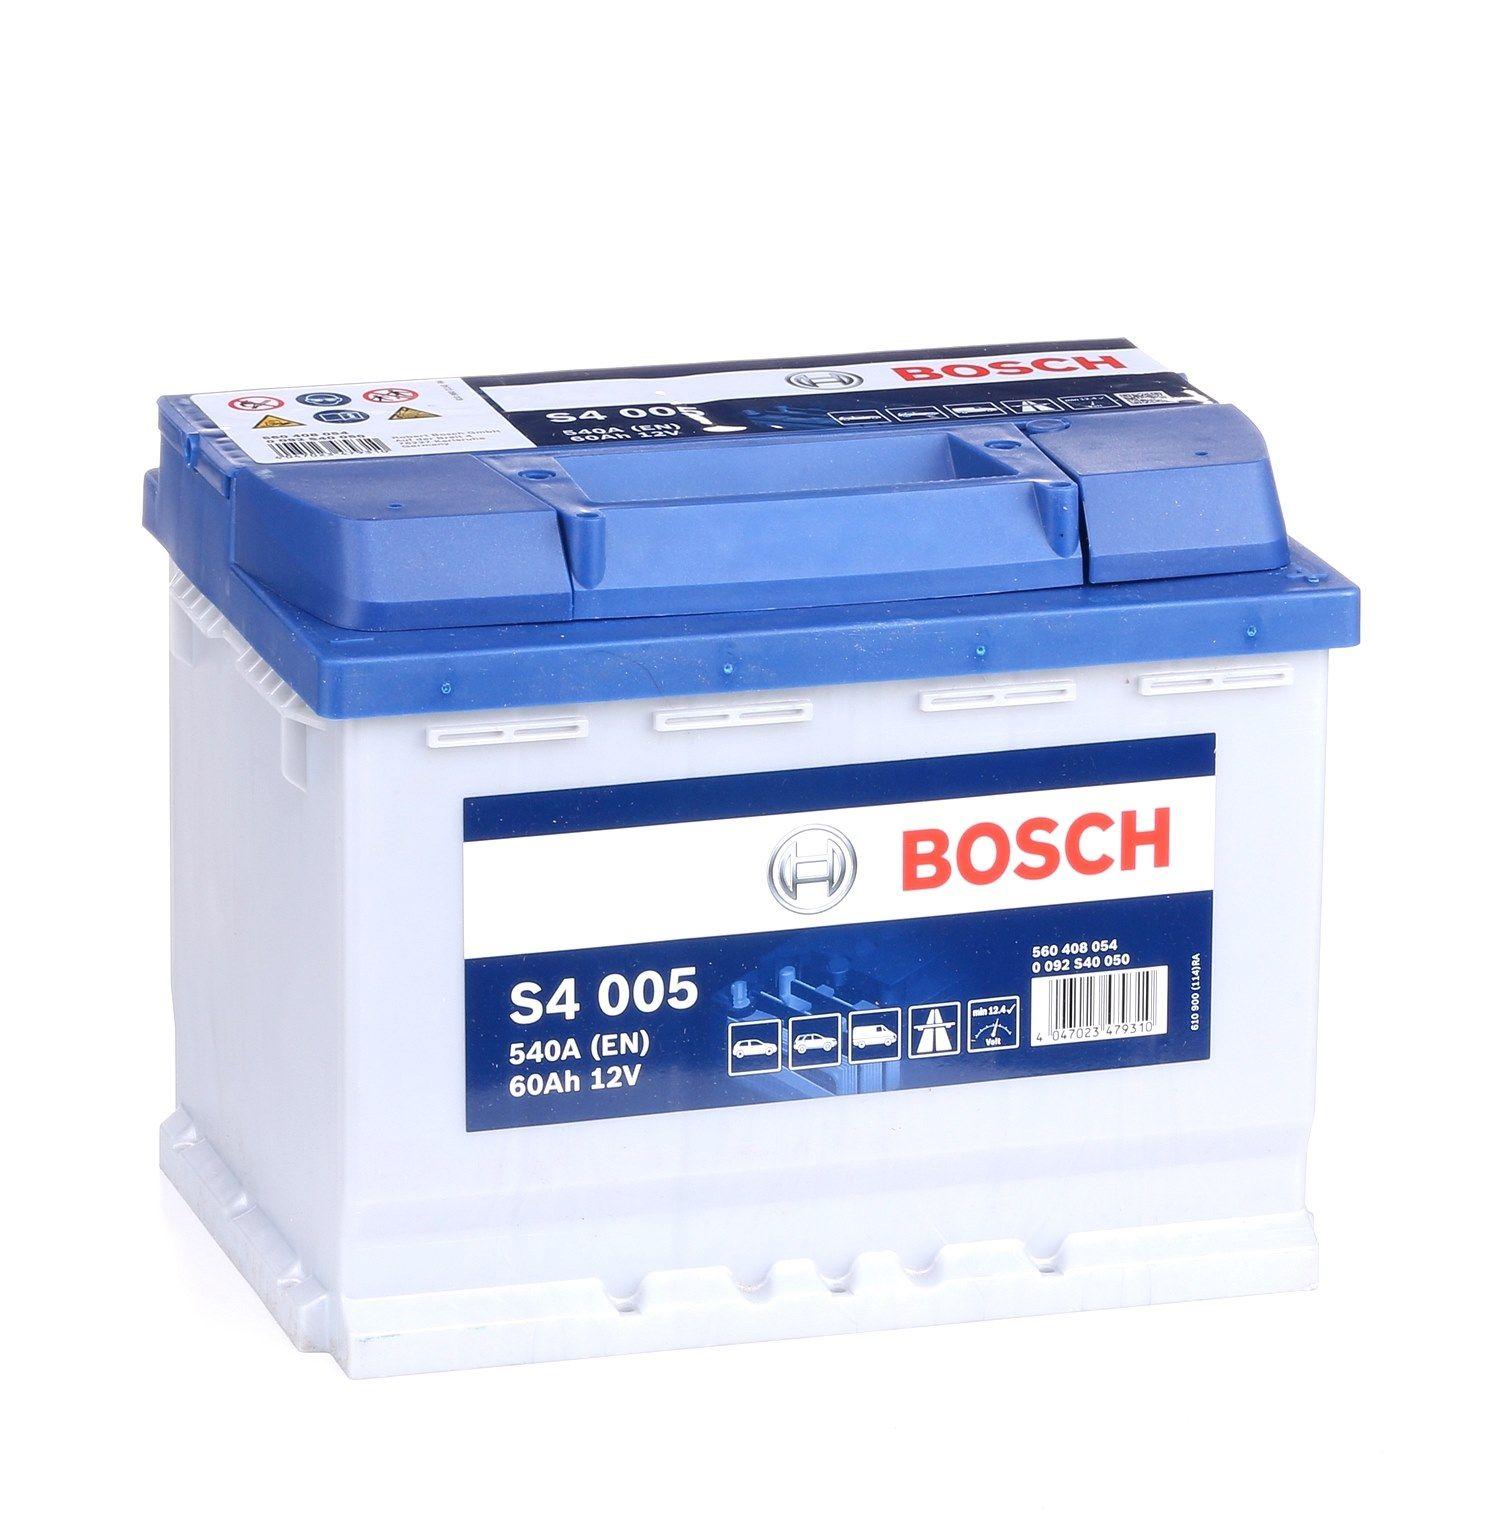 Accu / Batterij BOSCH 560408054 waardering